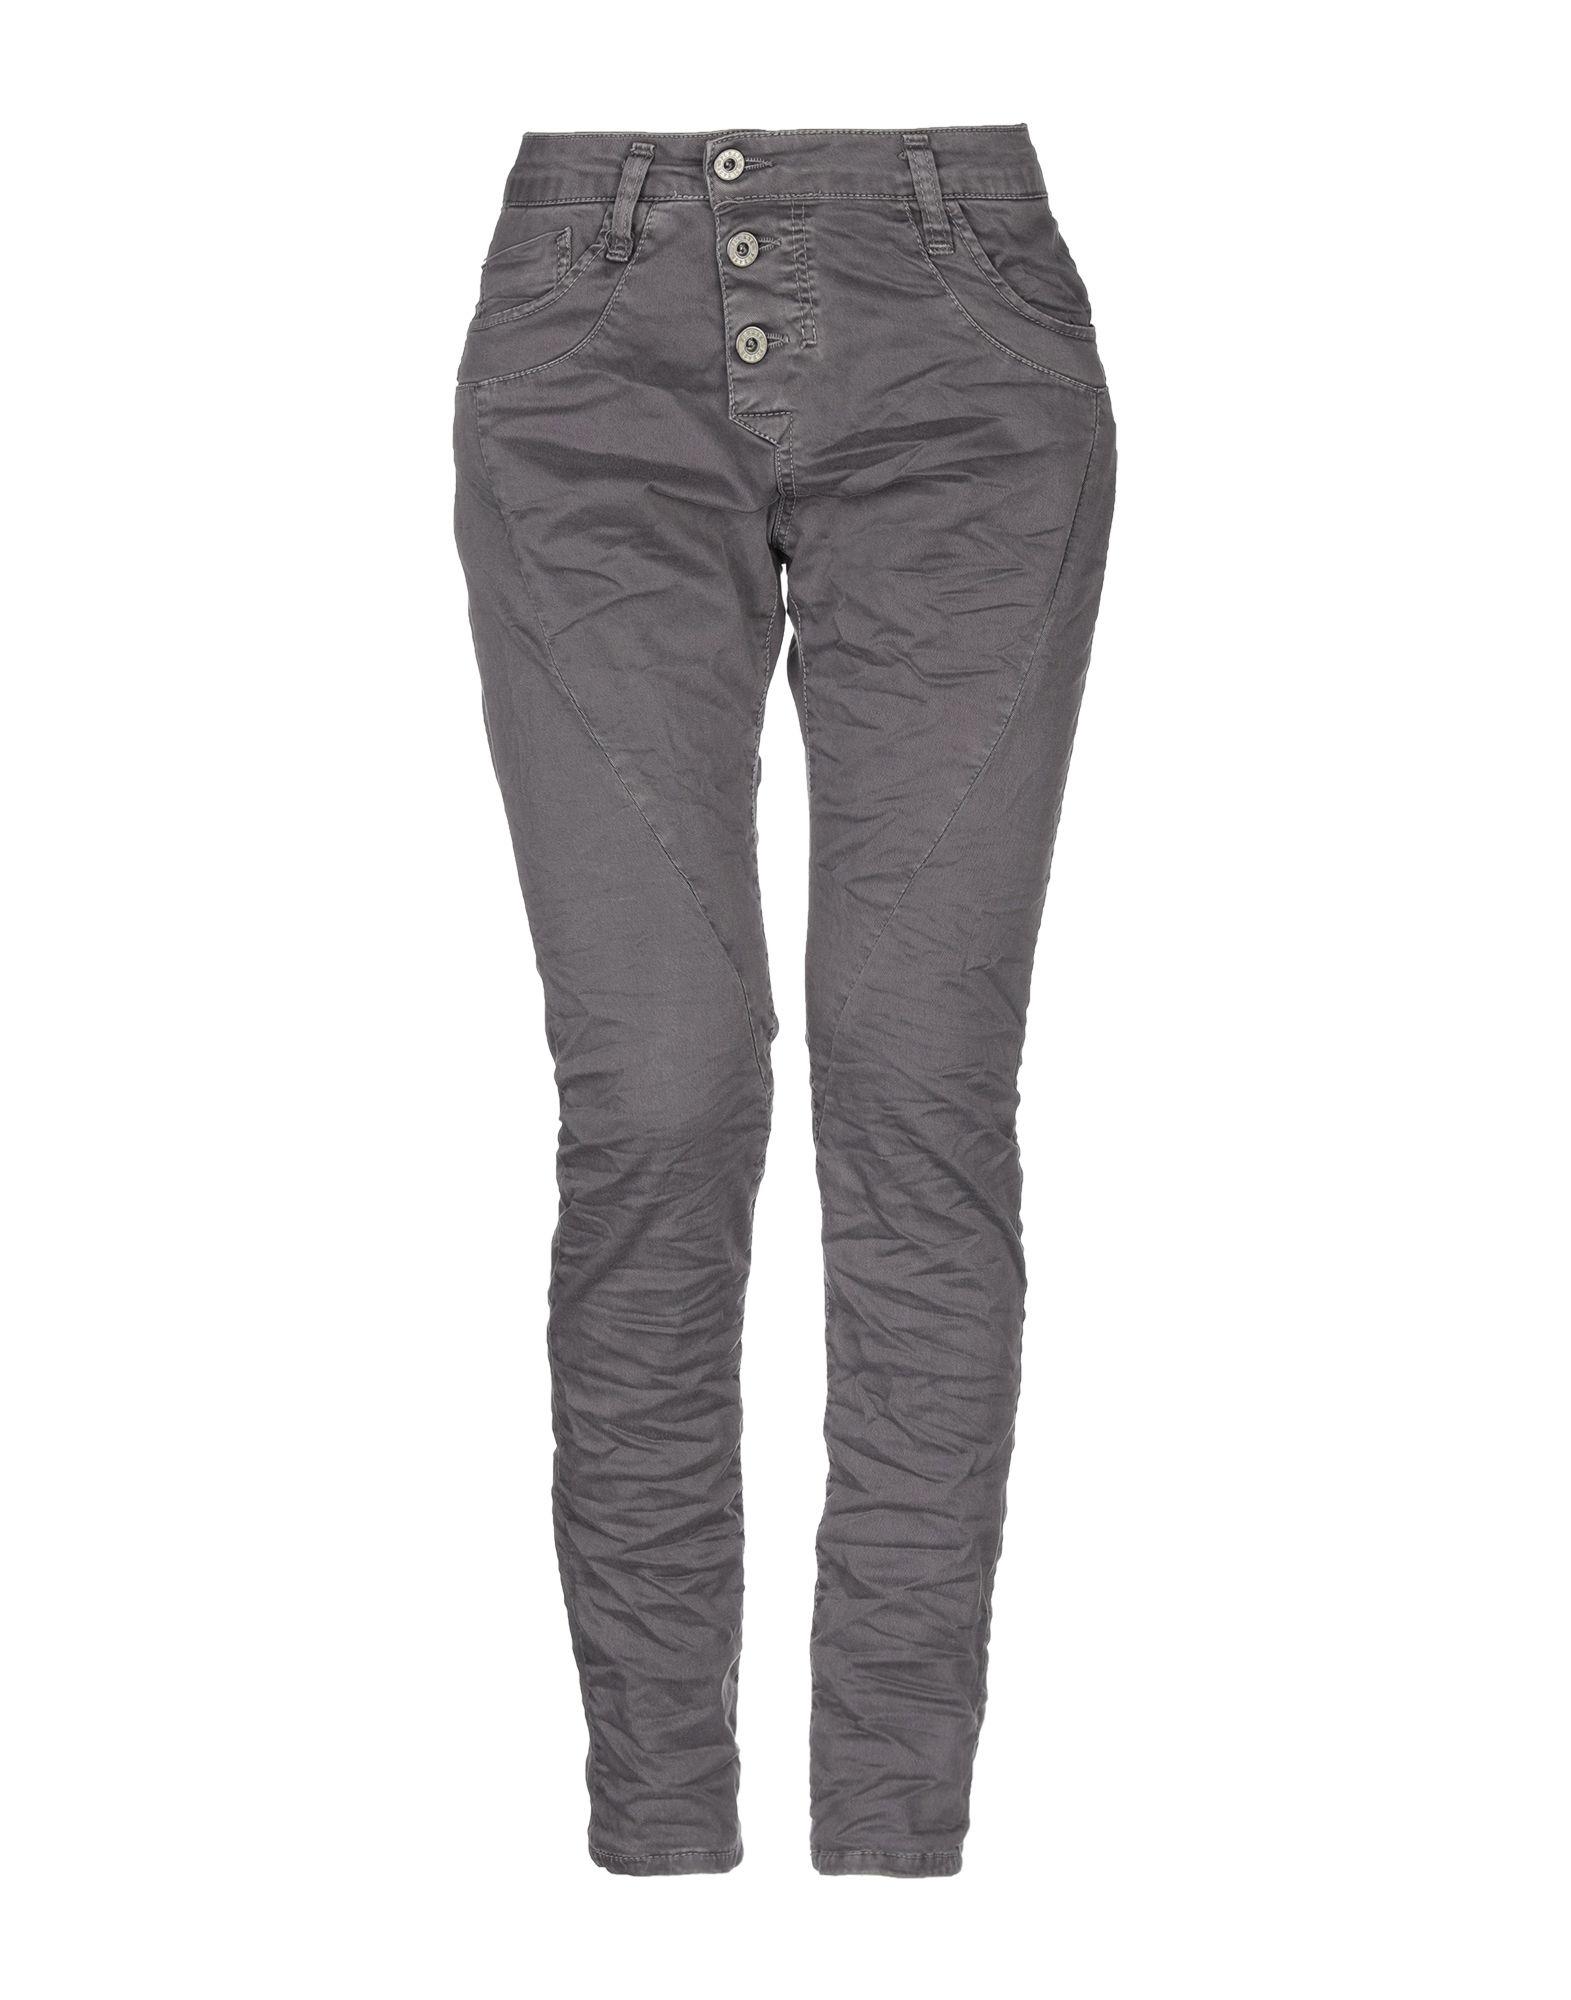 Pantalone Please donna - 13250255TQ 13250255TQ 13250255TQ 843